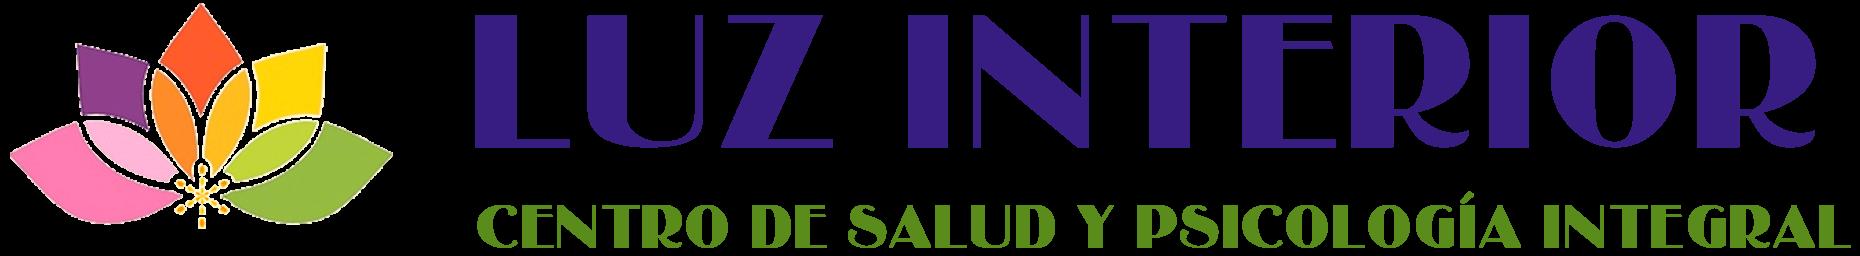 Centro Luz Interior Valencia Retina Logo